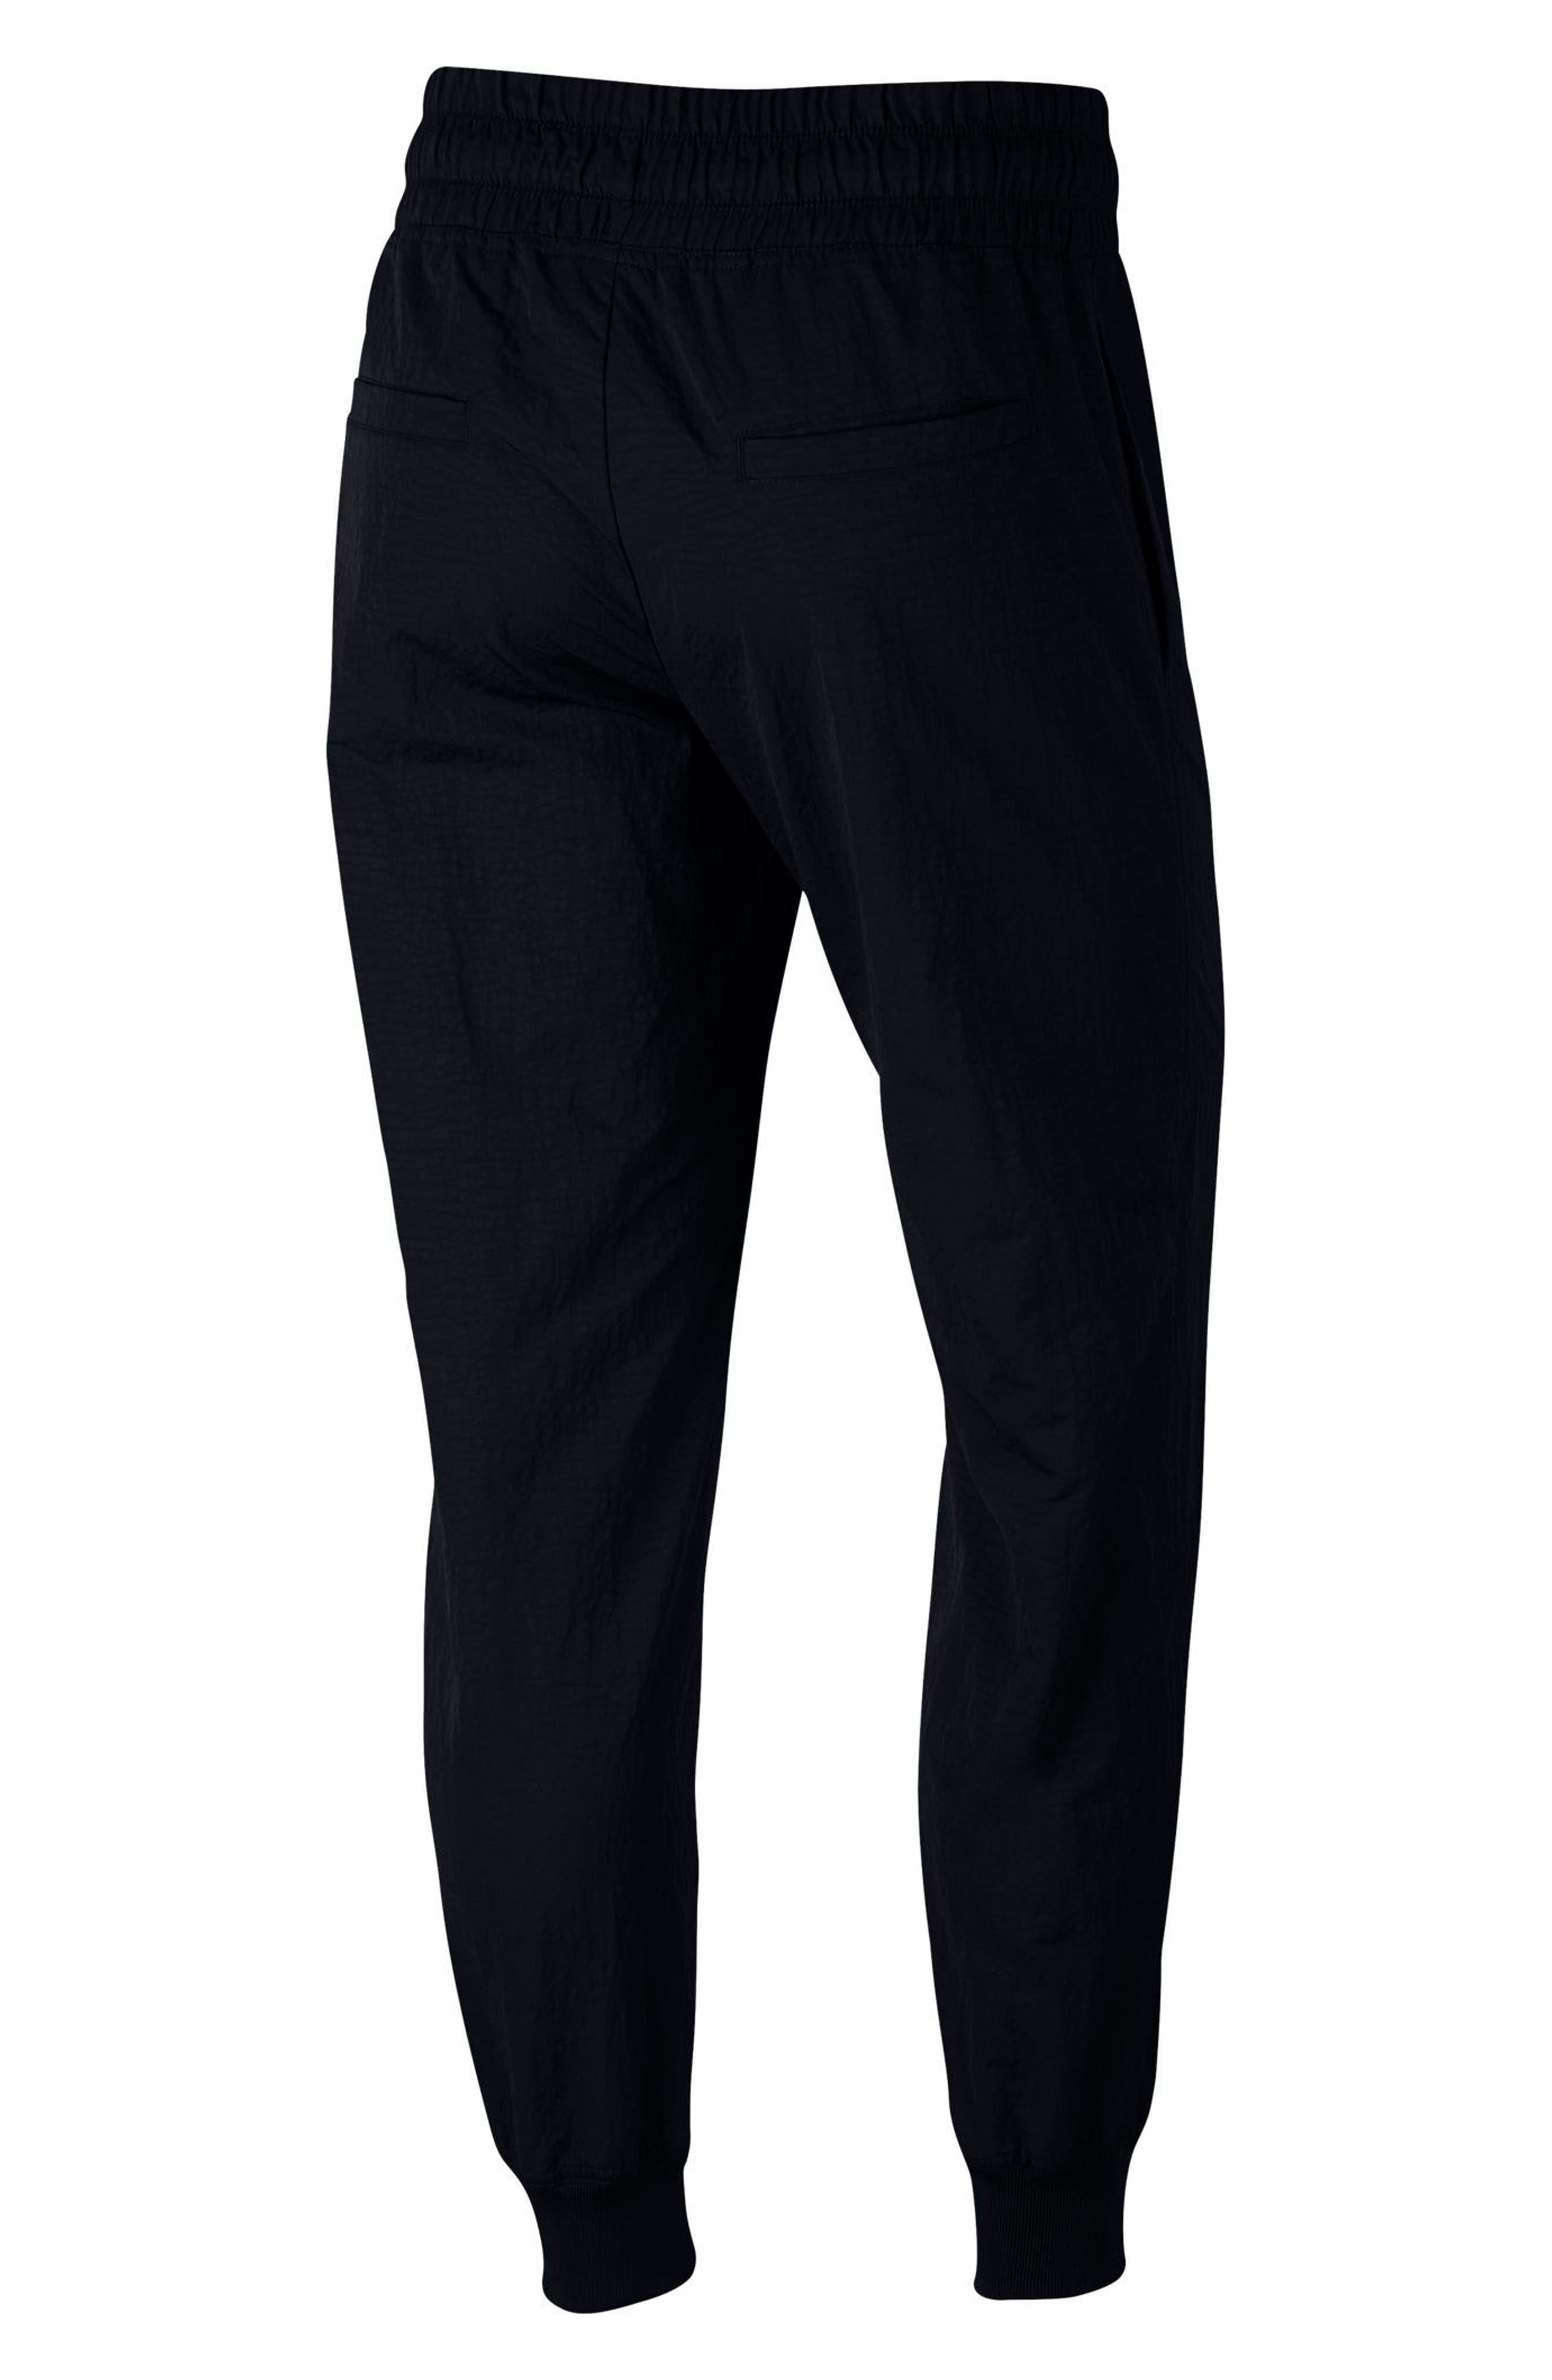 Alternate Image 1 Selected - Nike Air Drawstring Sweatpants